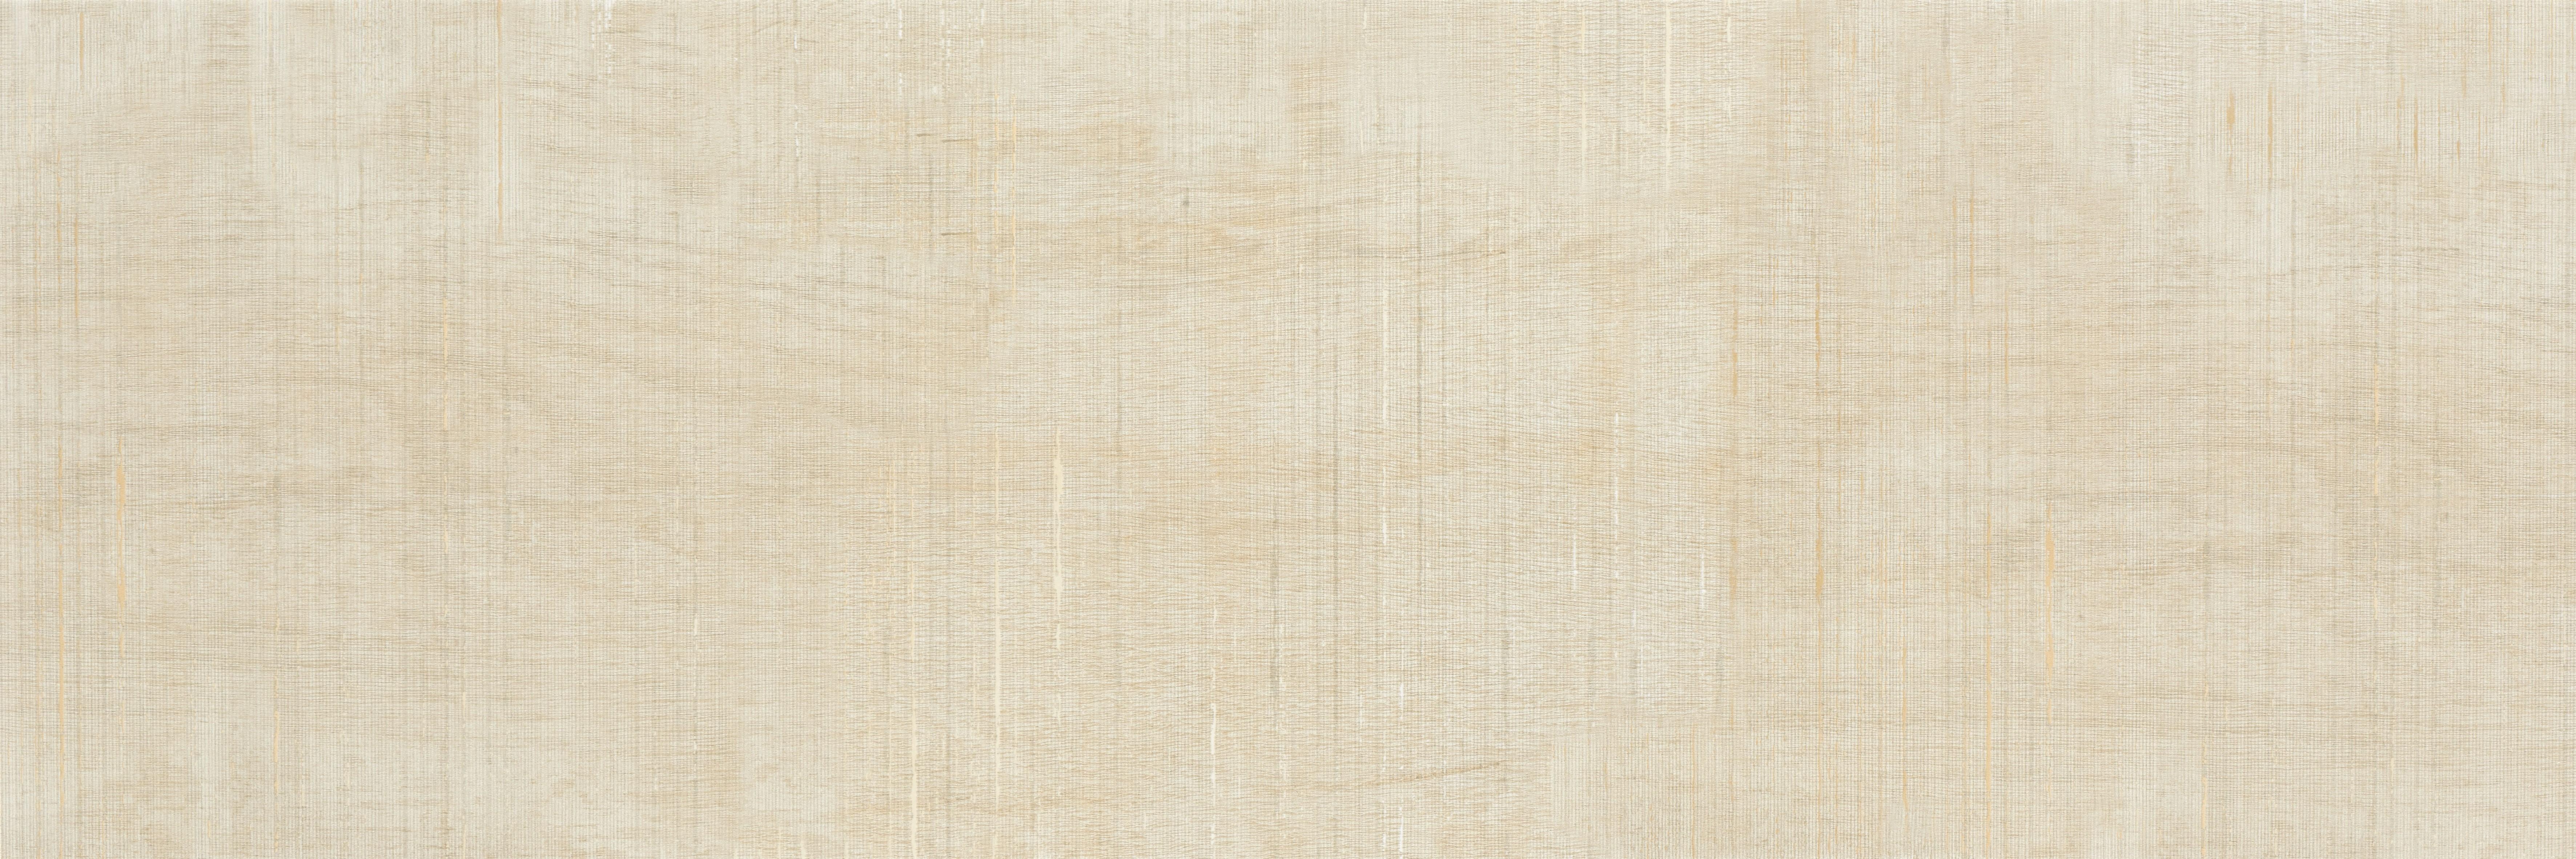 110 Code 519 Filigrane beige matt 30x90 - Hansas Plaadimaailm